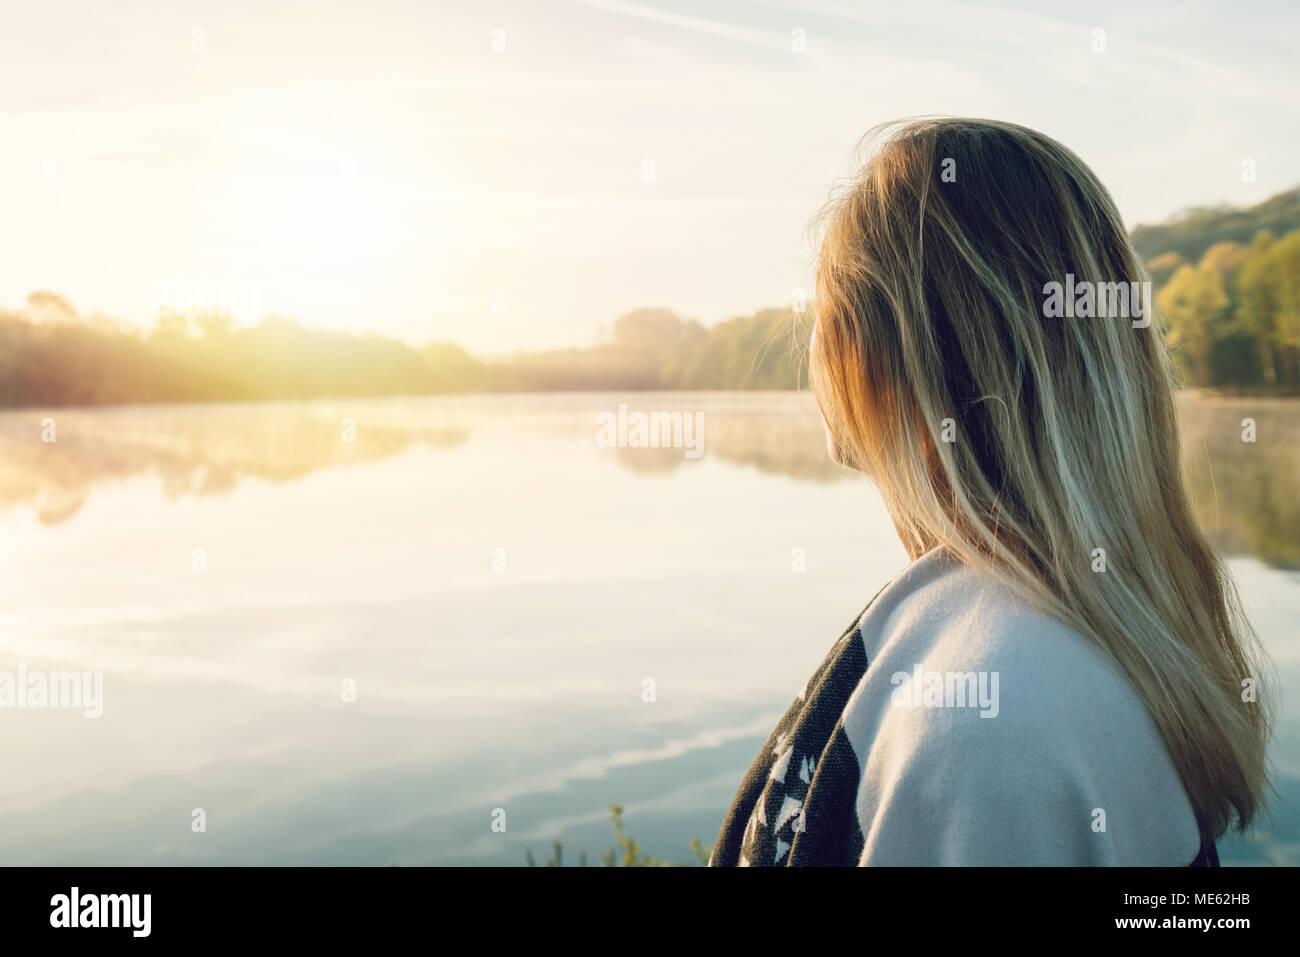 Mujer joven contemplando la naturaleza por el lago al amanecer, primavera, Francia, Europa. Las personas viajan relajación en concepto de naturaleza. Imagen de tonos Imagen De Stock